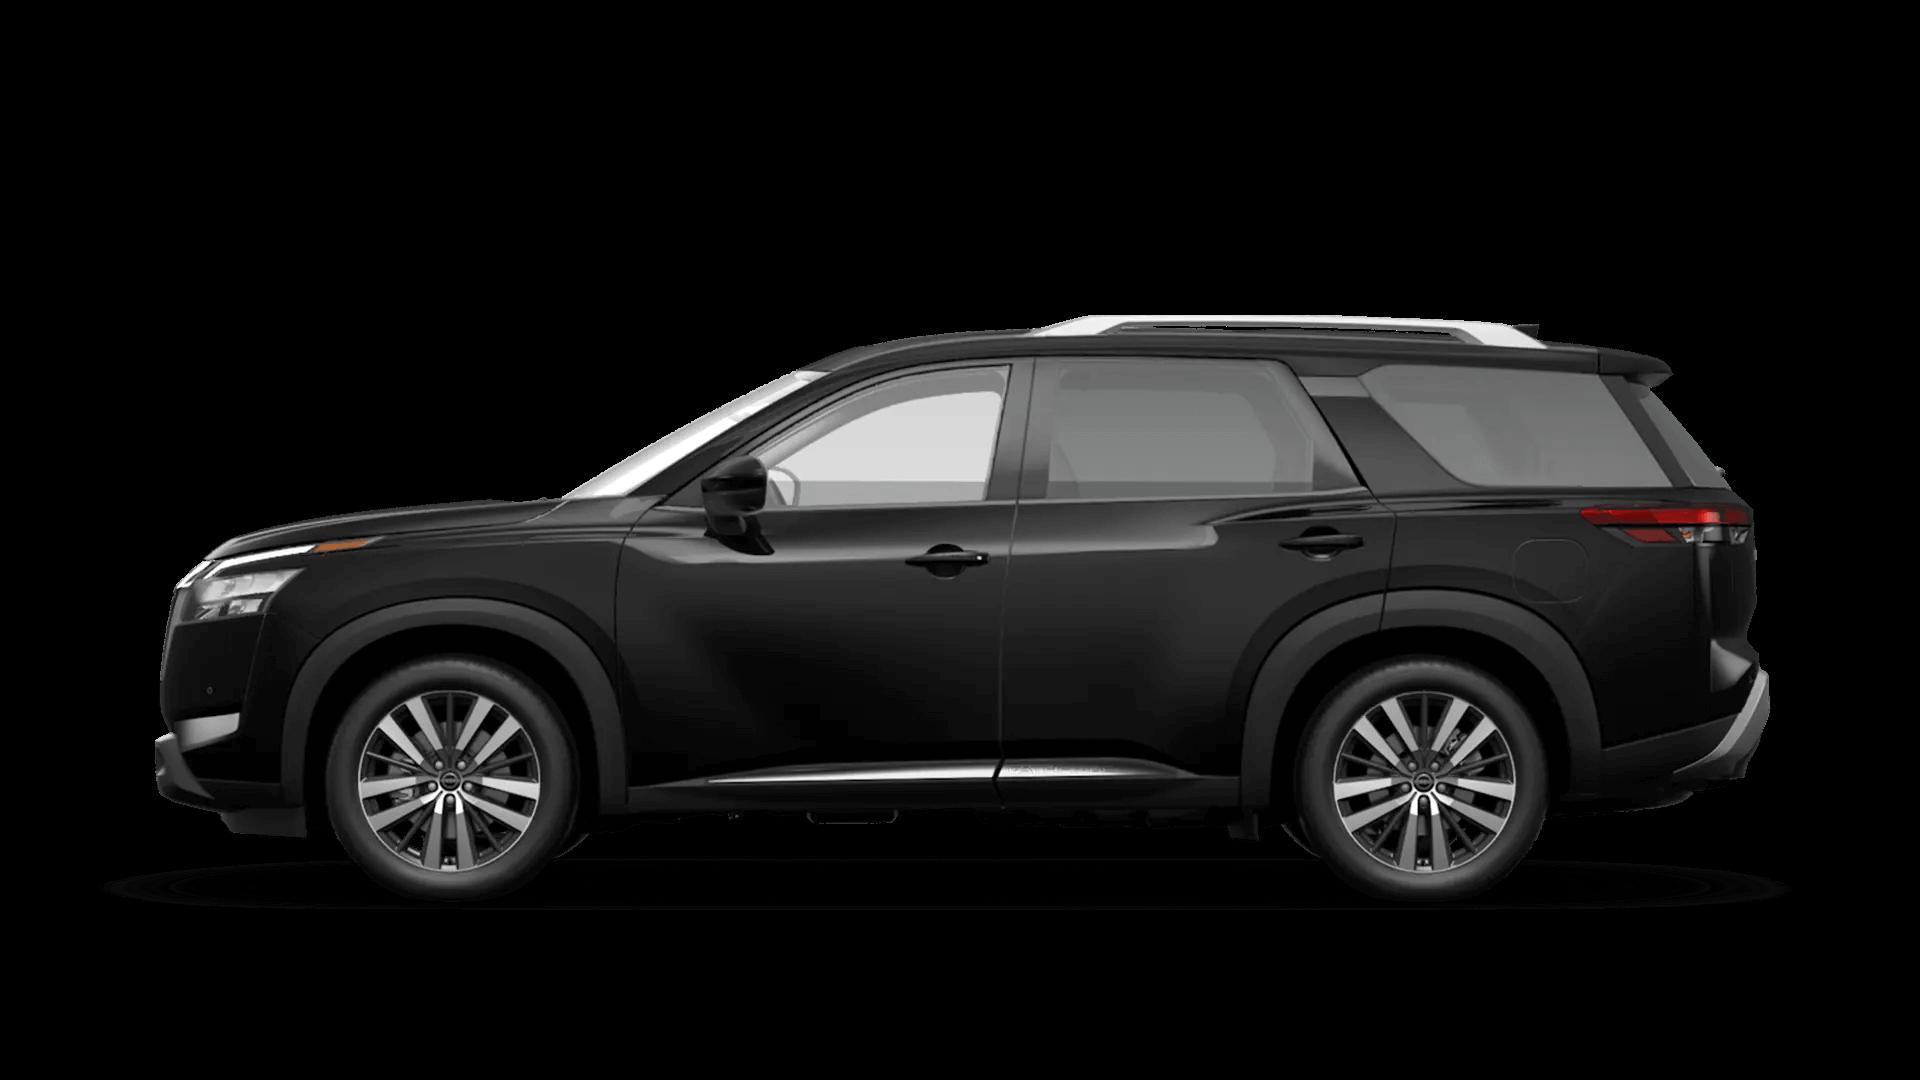 2022 Pathfinder® Platinum 4WD in Super Black